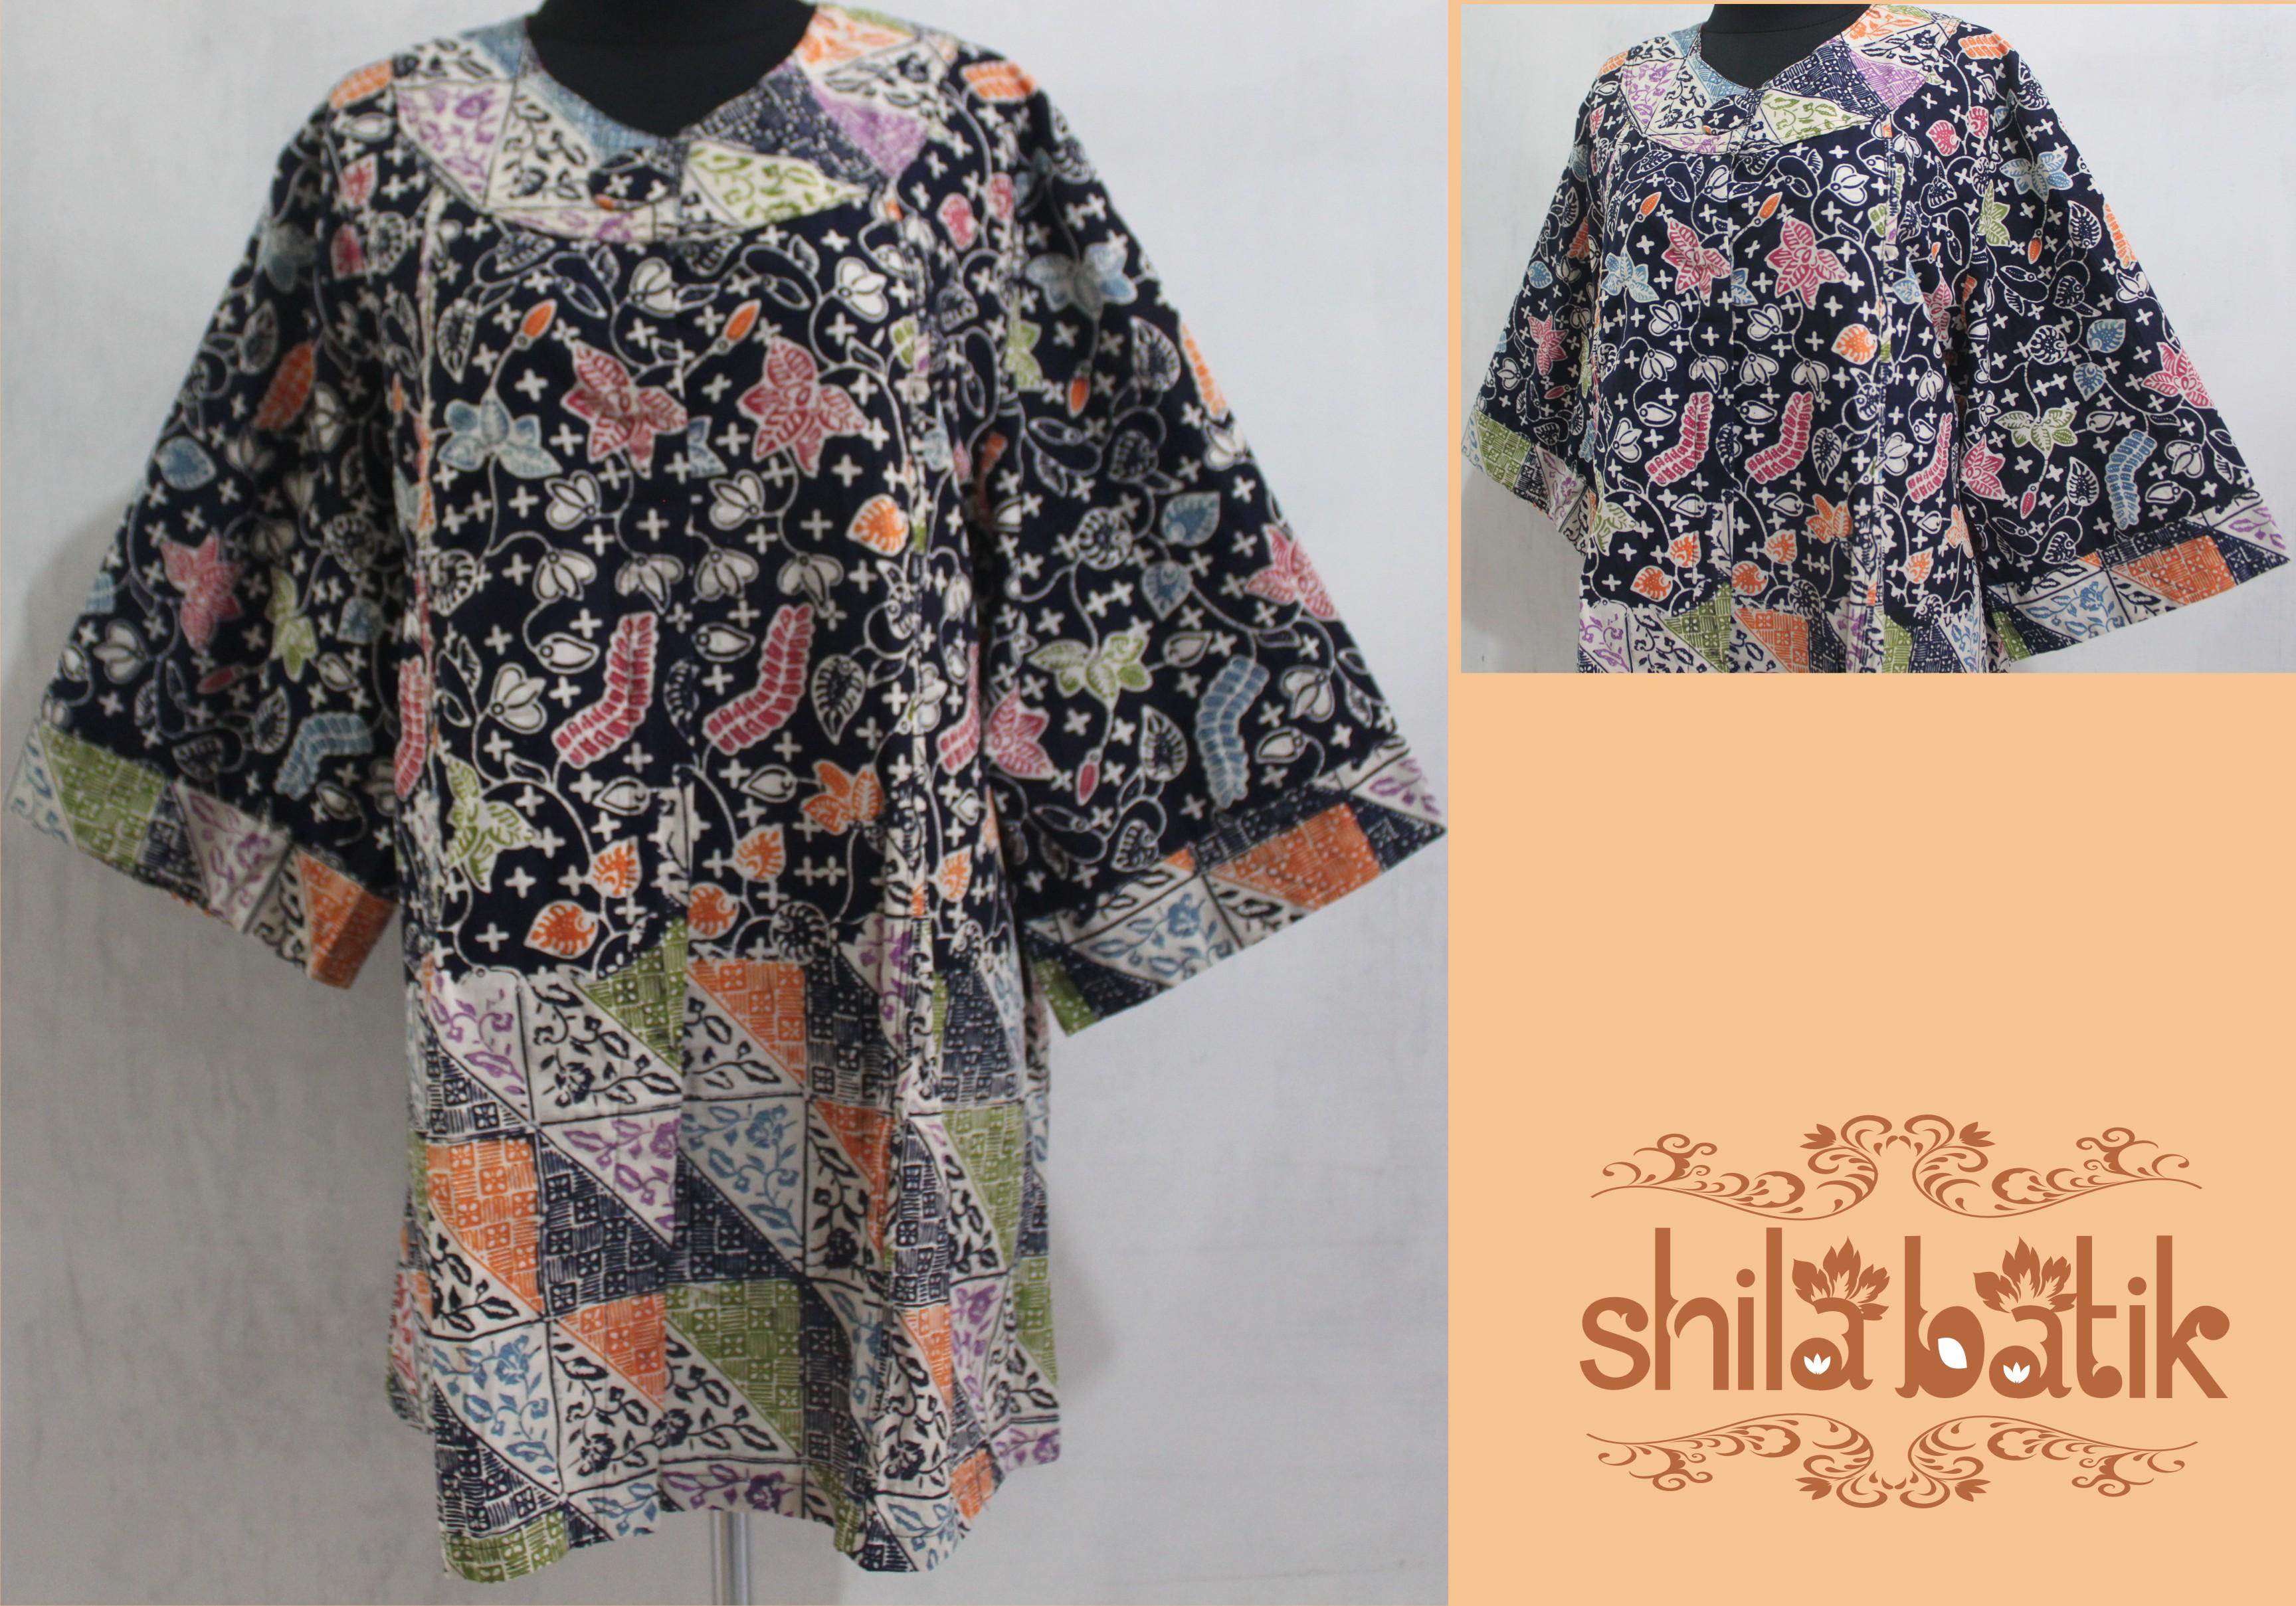 jual baju batik big size  hubungi 083840387800  jual batik